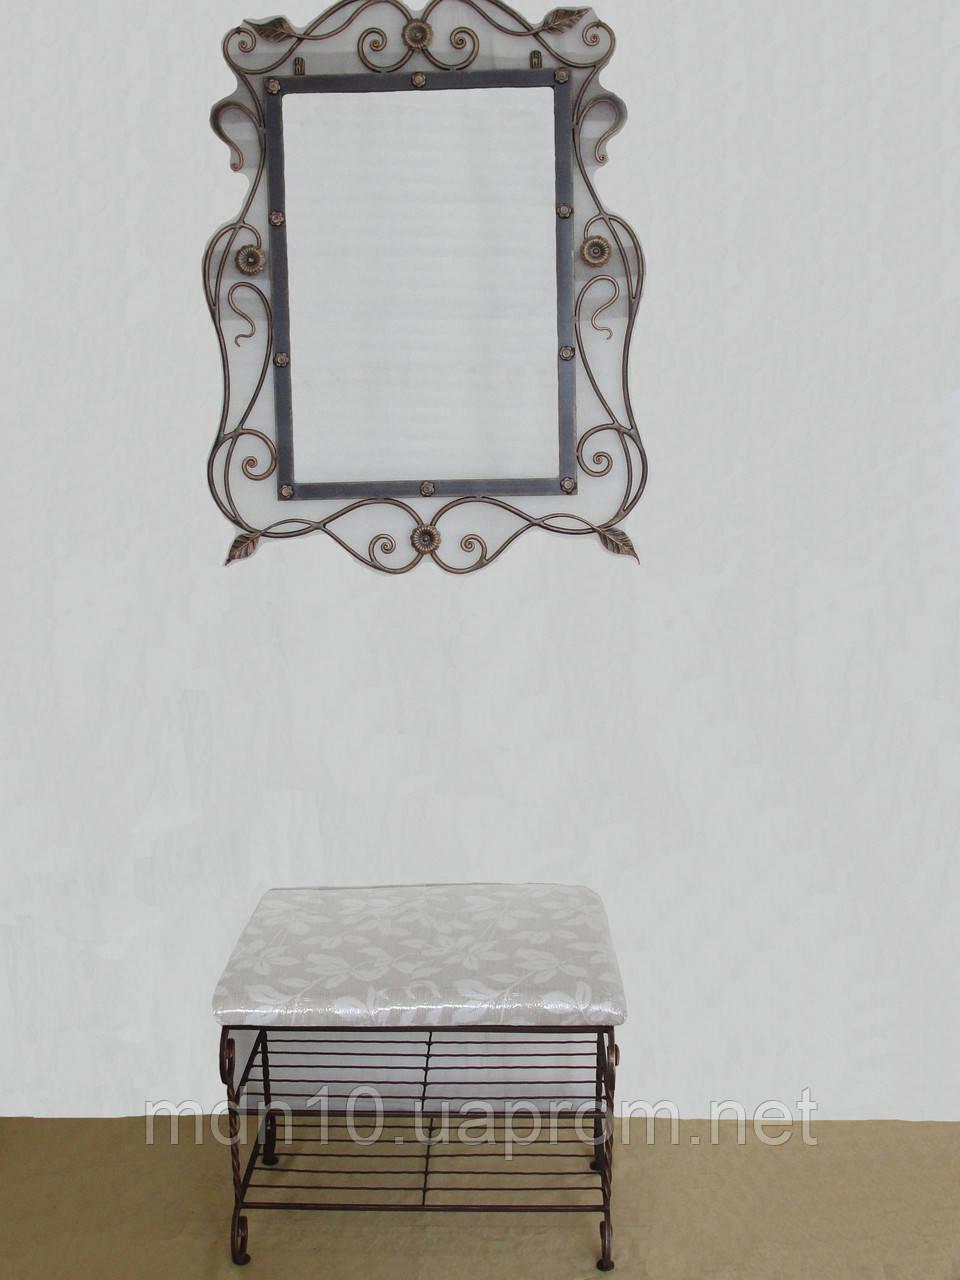 """Кованый набор мебели в прихожую  -  024 - TM """"Modnastal"""" - художественная ковка и металлоконструкции в Хмельницком"""